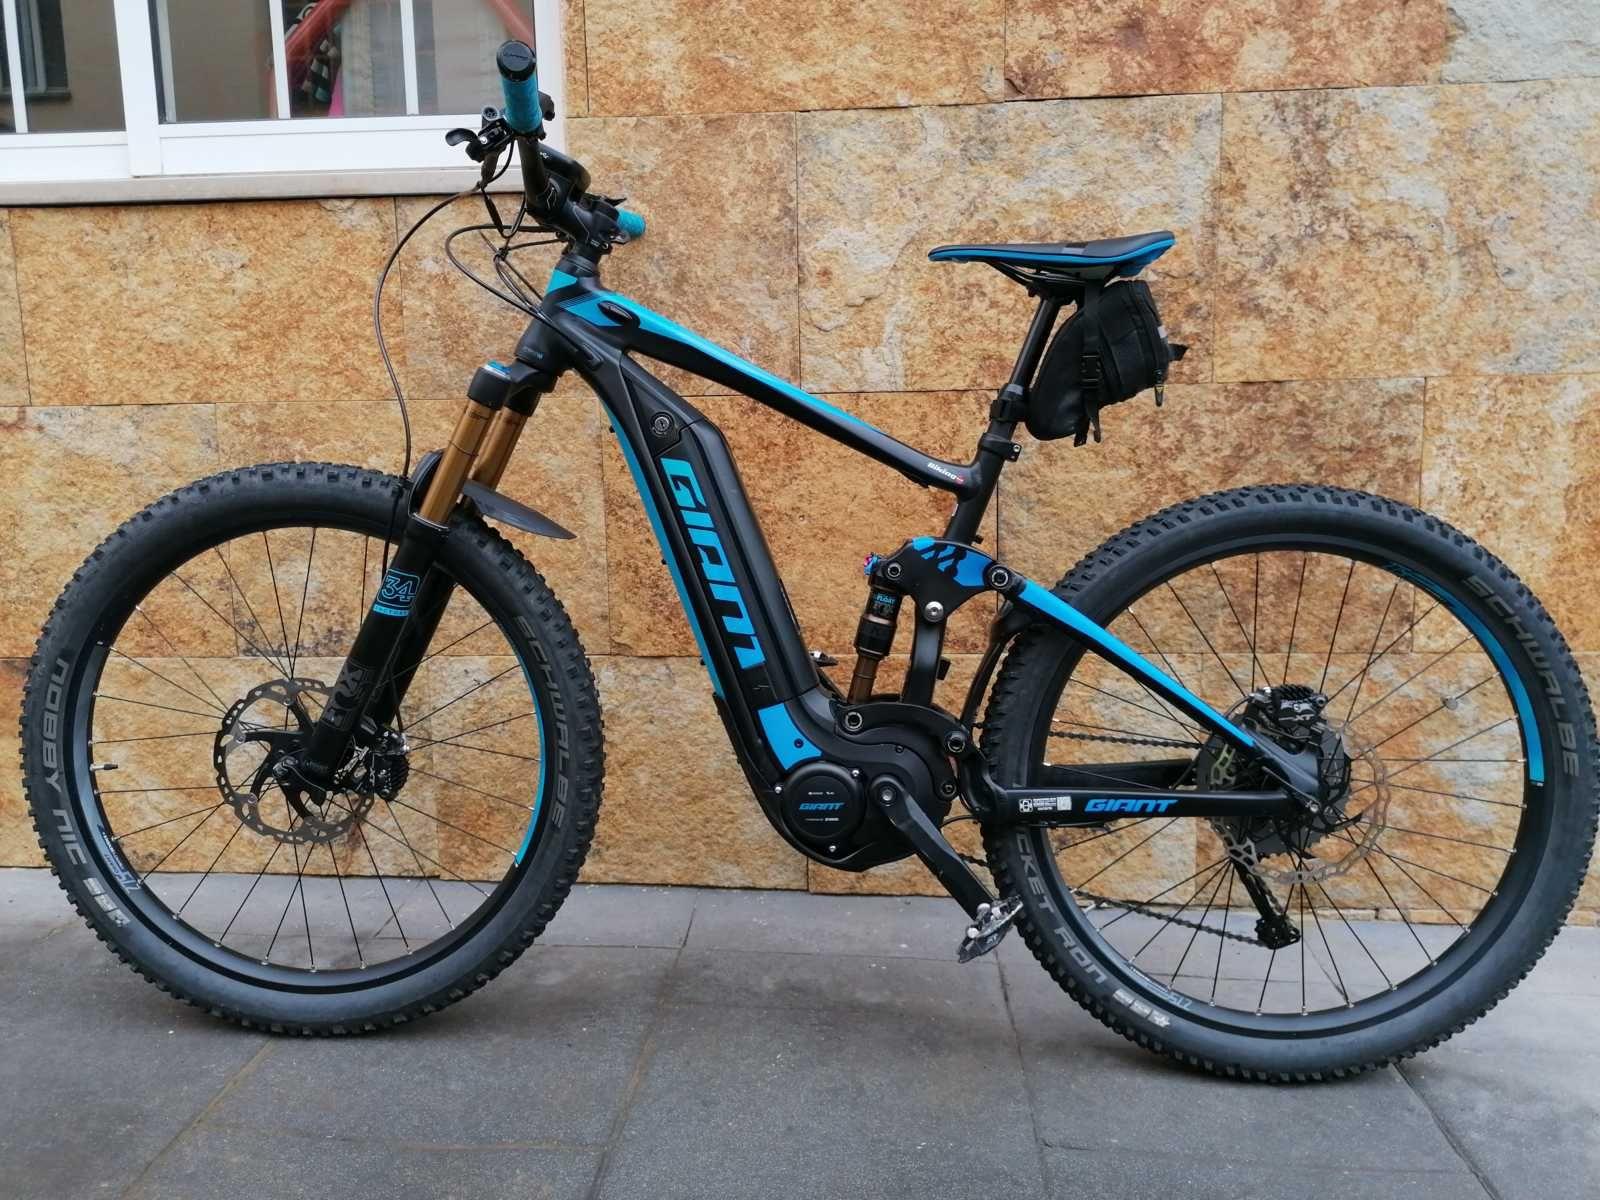 Bicicleta Giant Full E En Talla S 58539 Categoría Bicicleta Eléctrica De Montaña Año 2018 Cambio Shima Bicicletas Giant Bicicletas Bicicleta Electrica